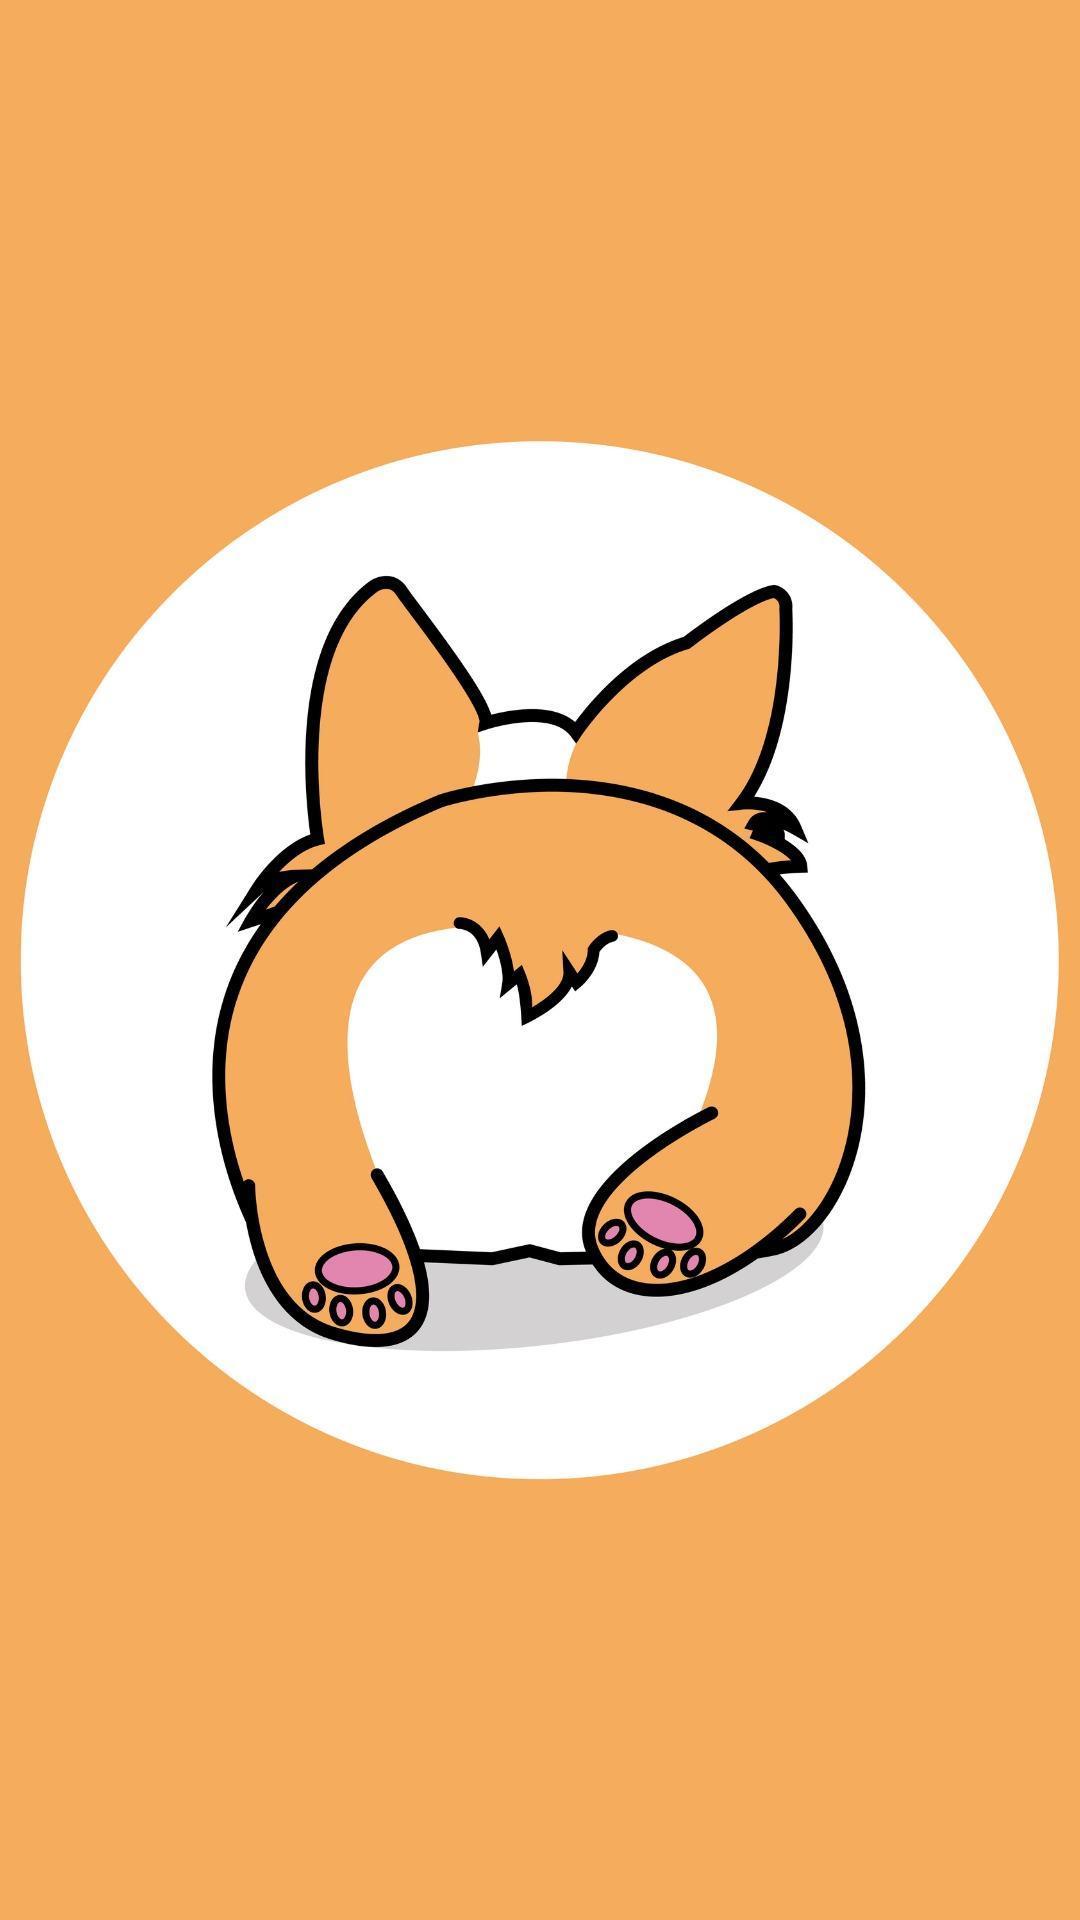 Cute Corgi Wallpapers - Top Free Cute ...